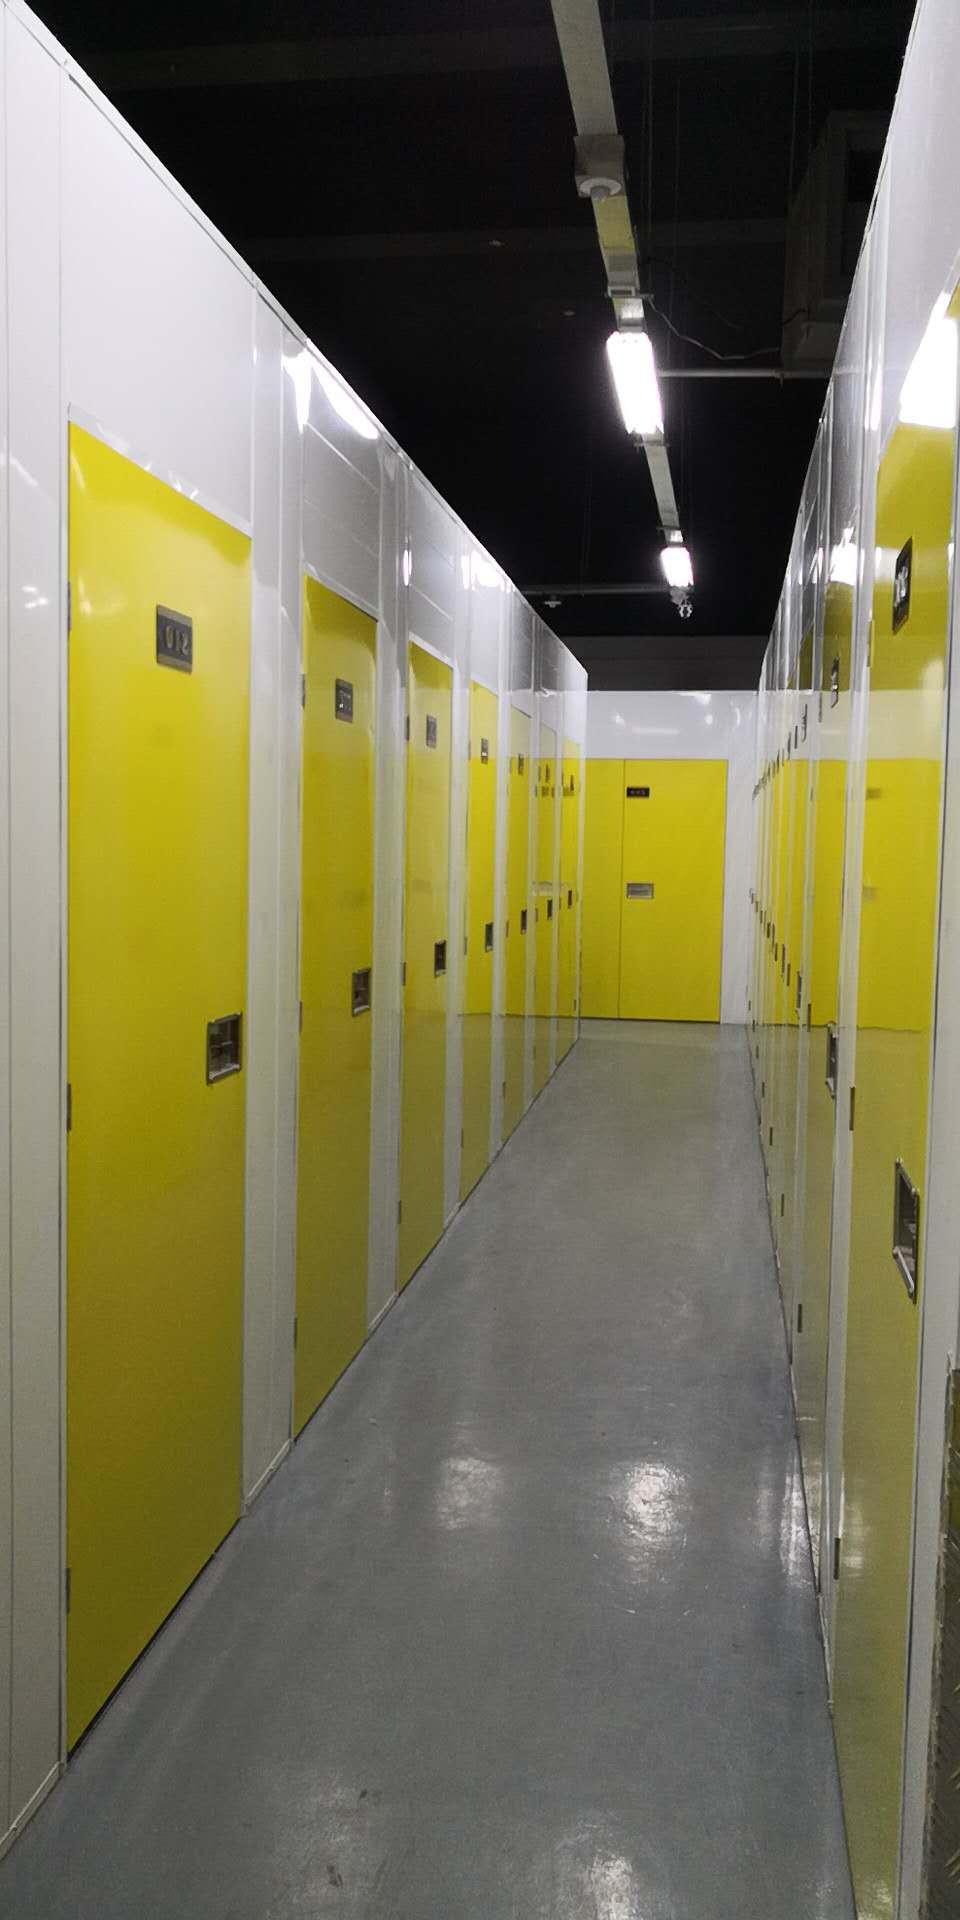 上海智小仓库对物品的储存时间有要求吗?